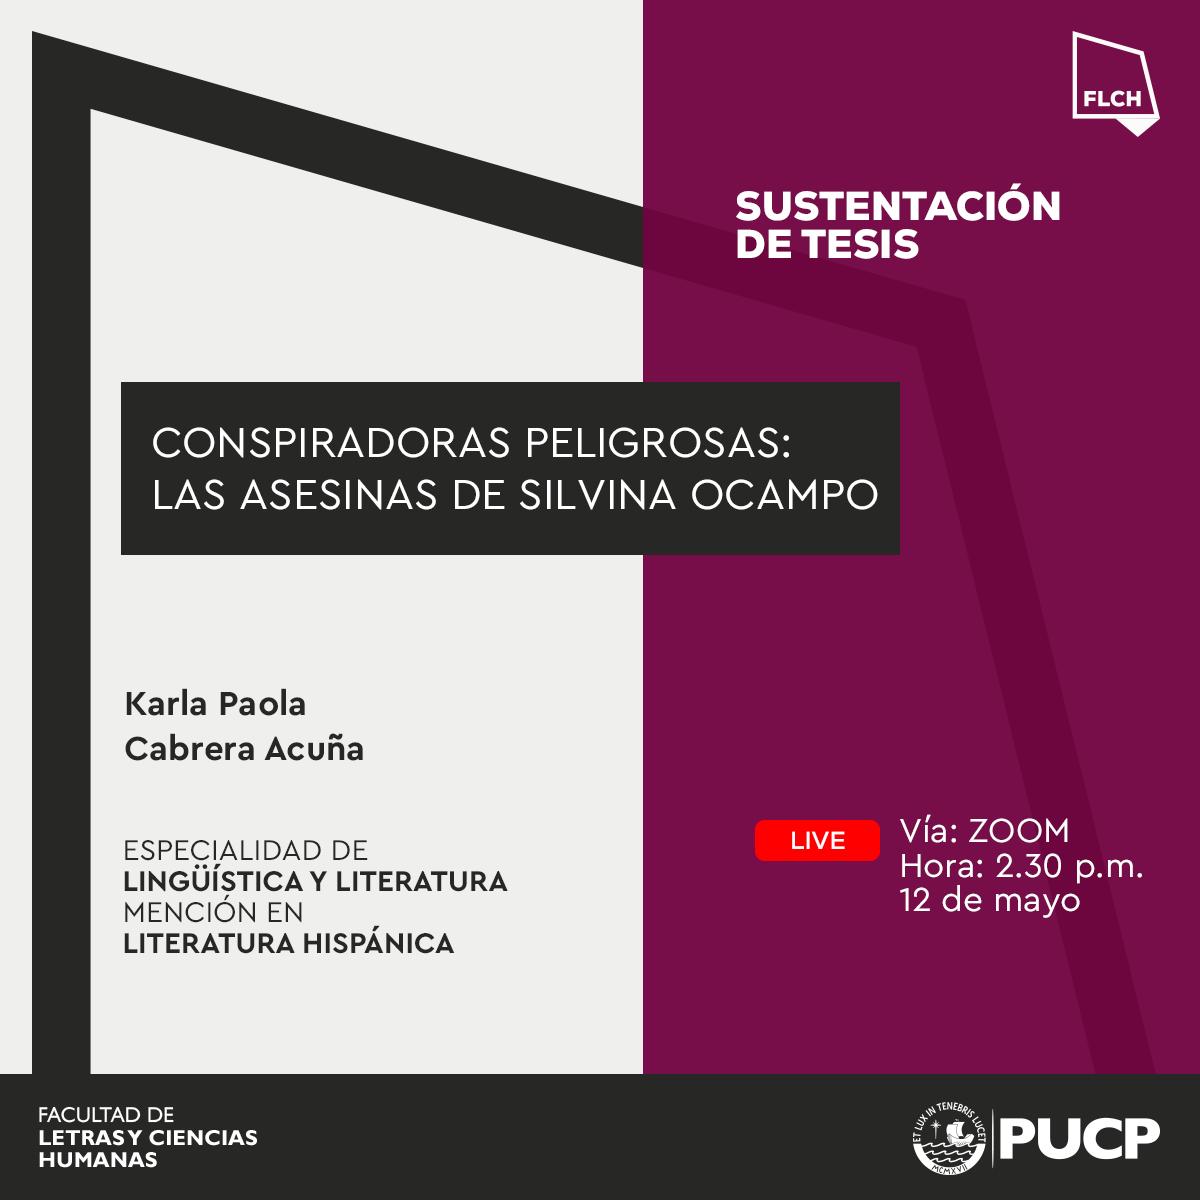 Sustentación de tesis | Karla Paola Cabrera Acuña